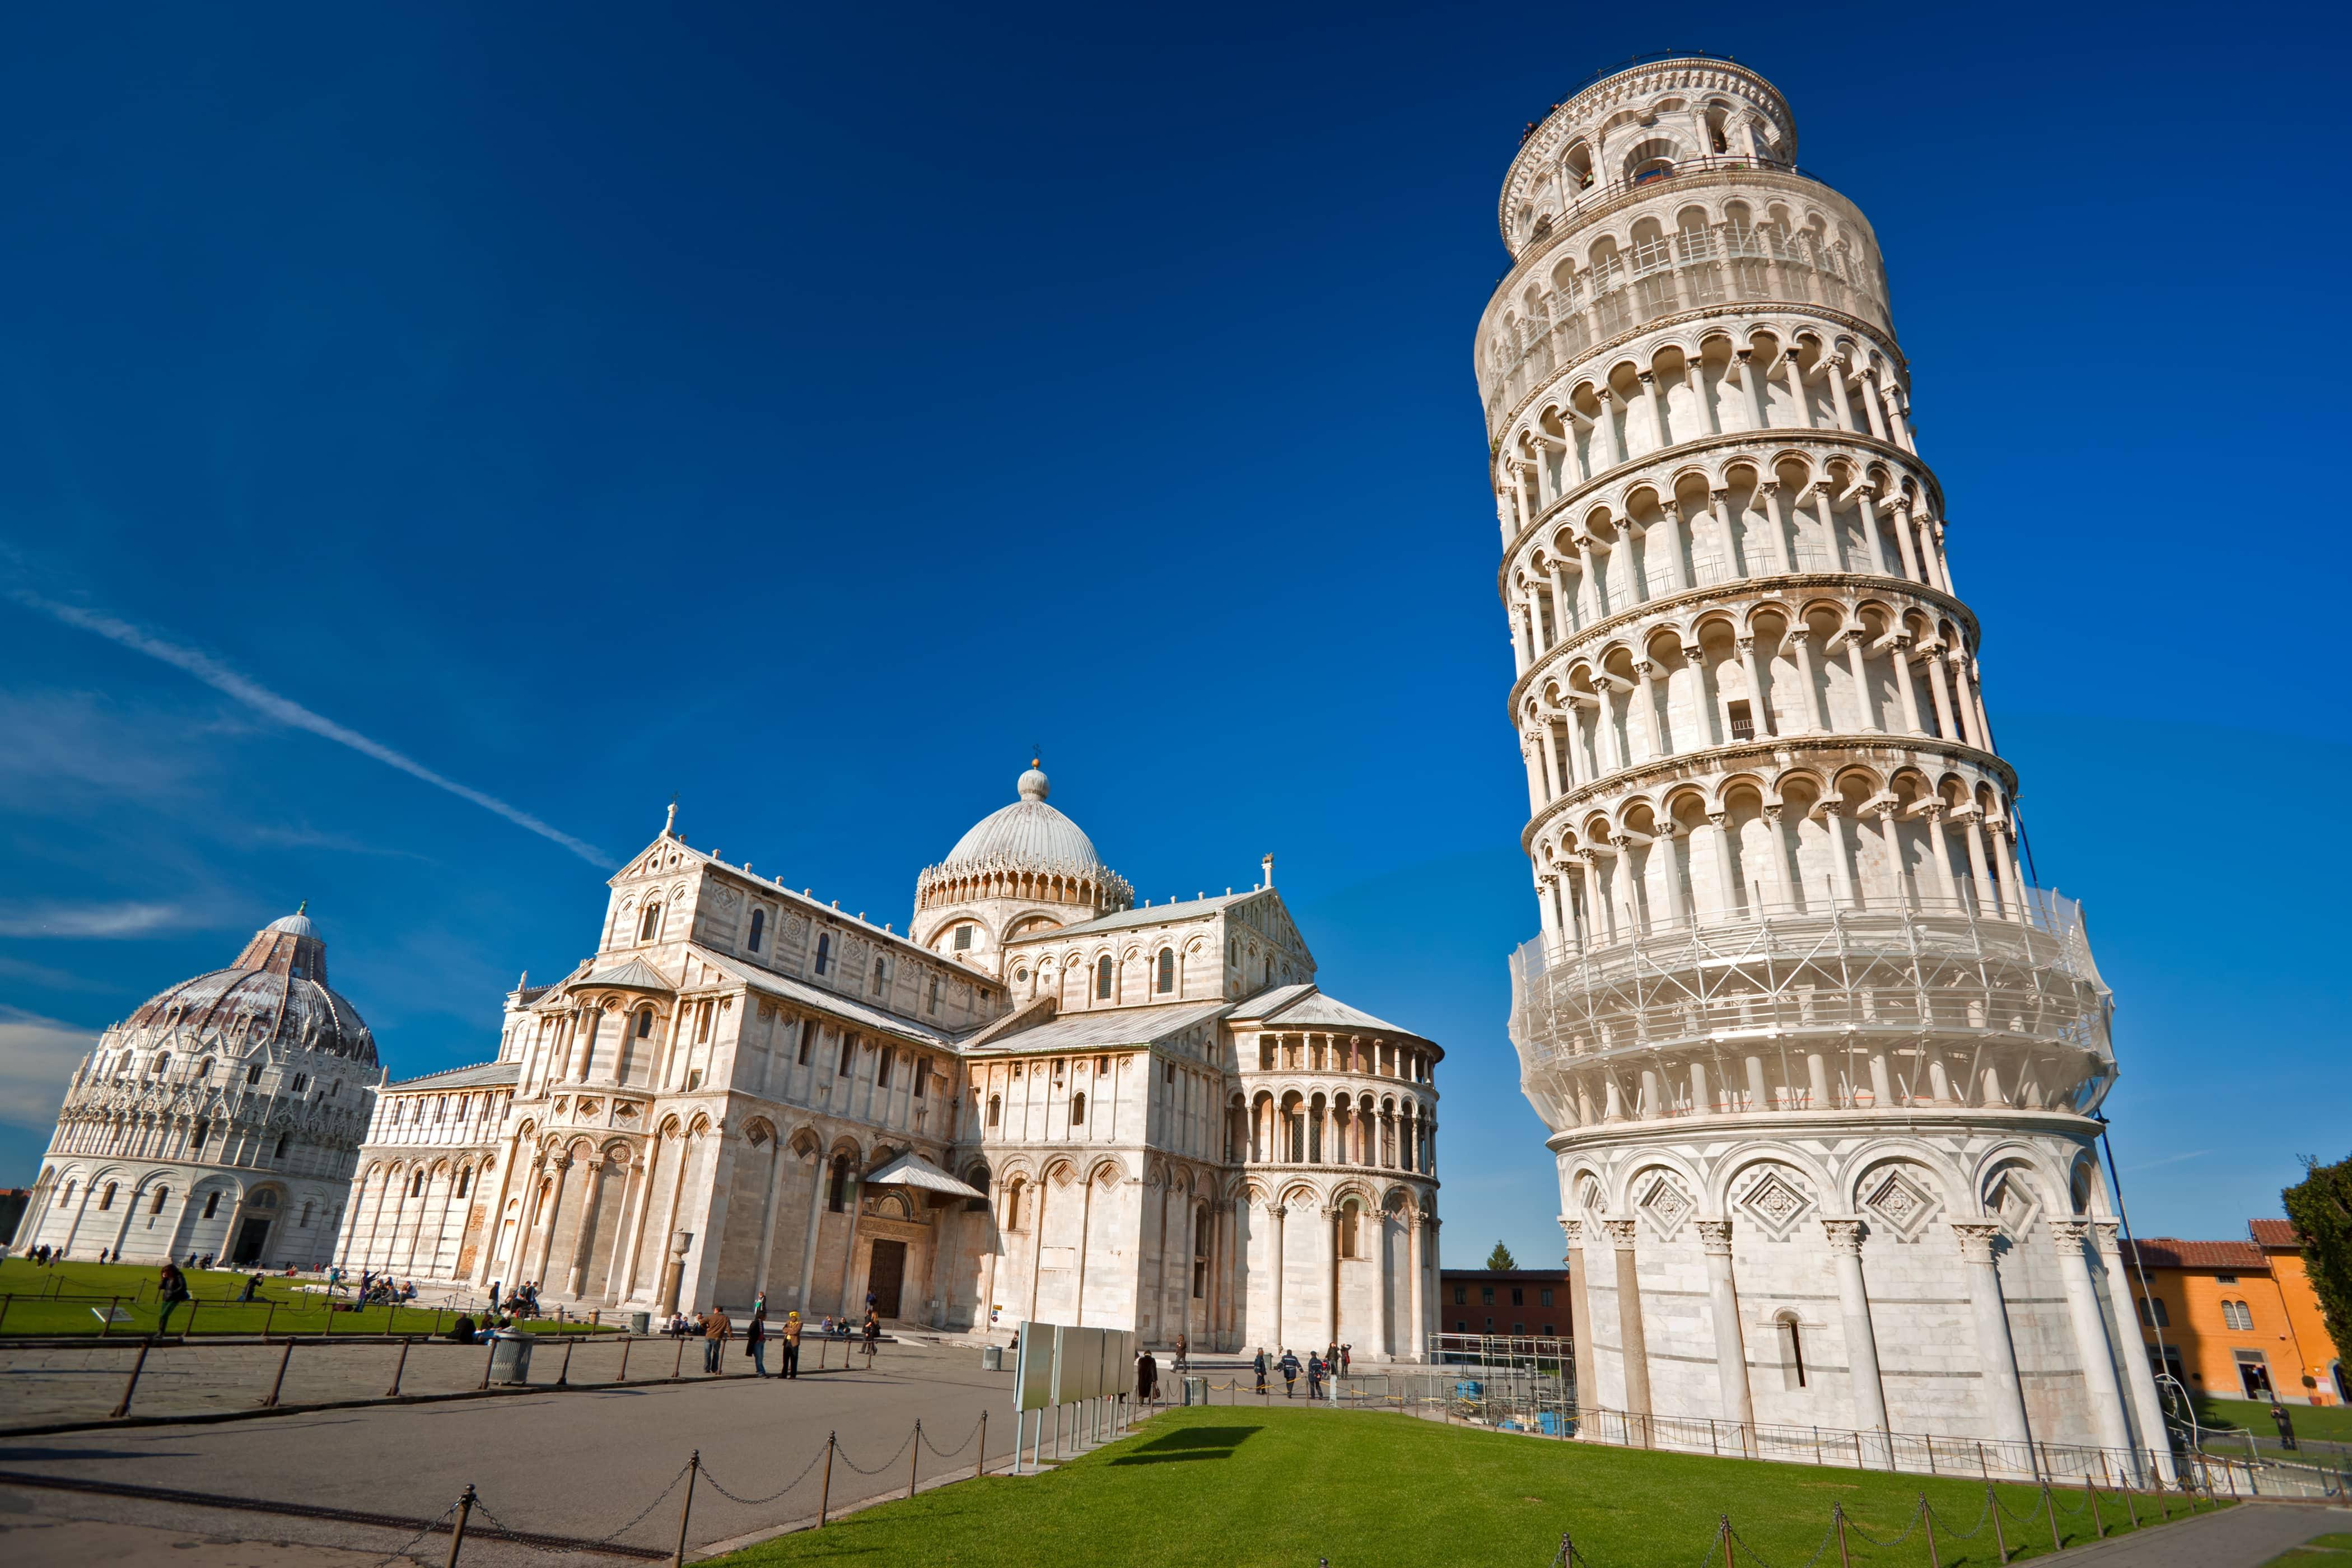 Toren van Pisa in Italië